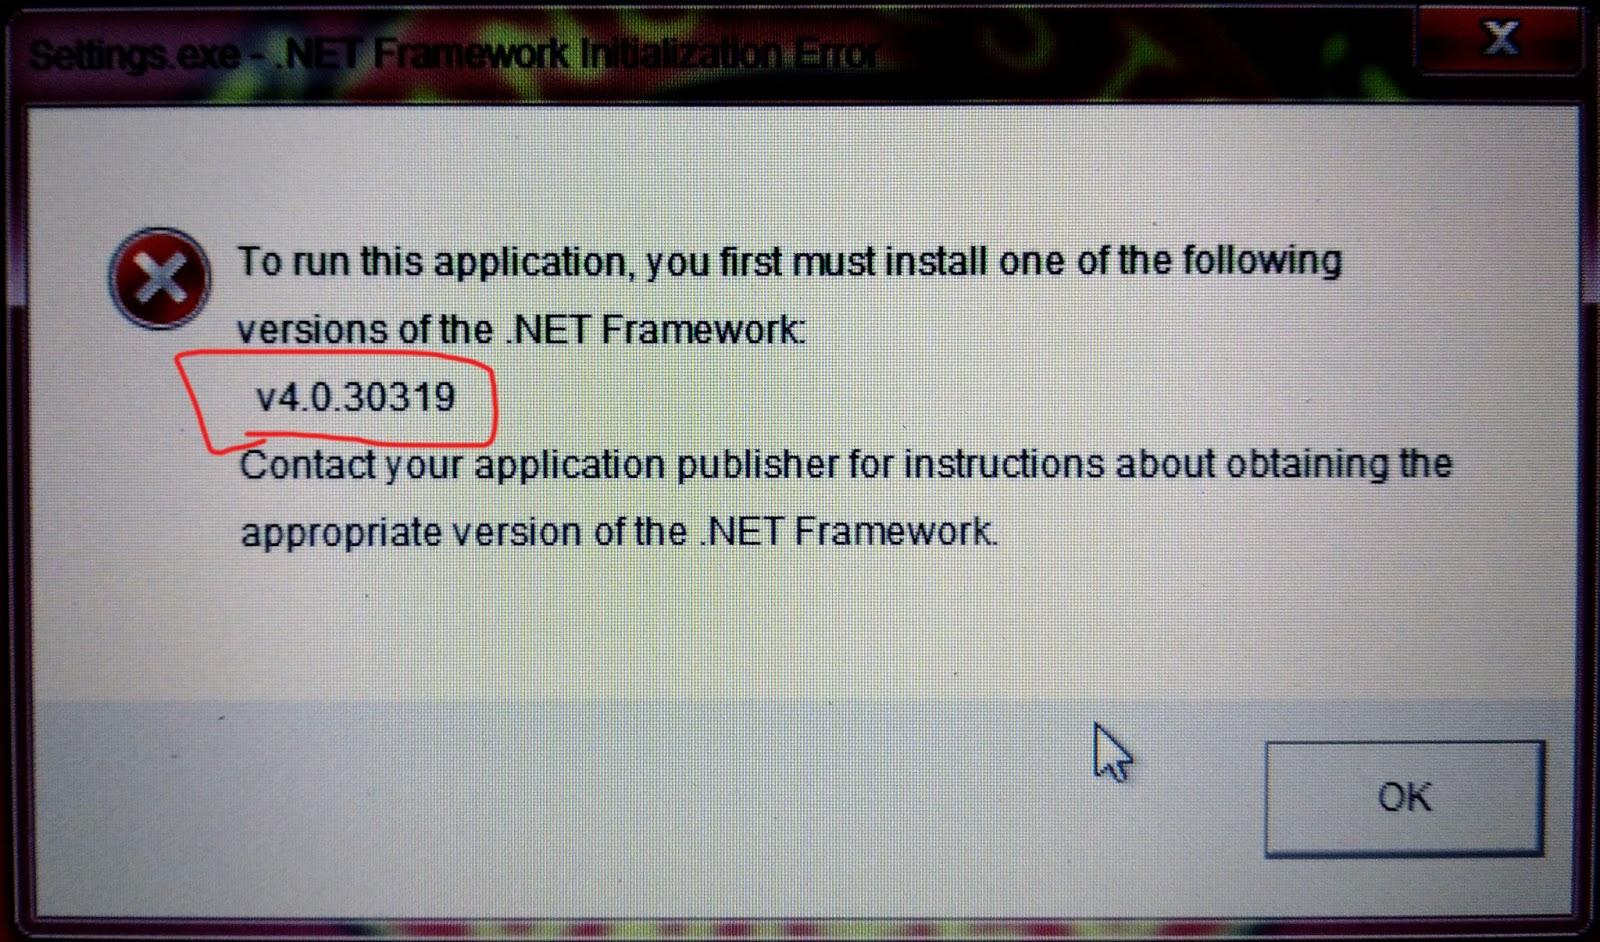 how to fix error hresult 0xc8000222 in net framework installation